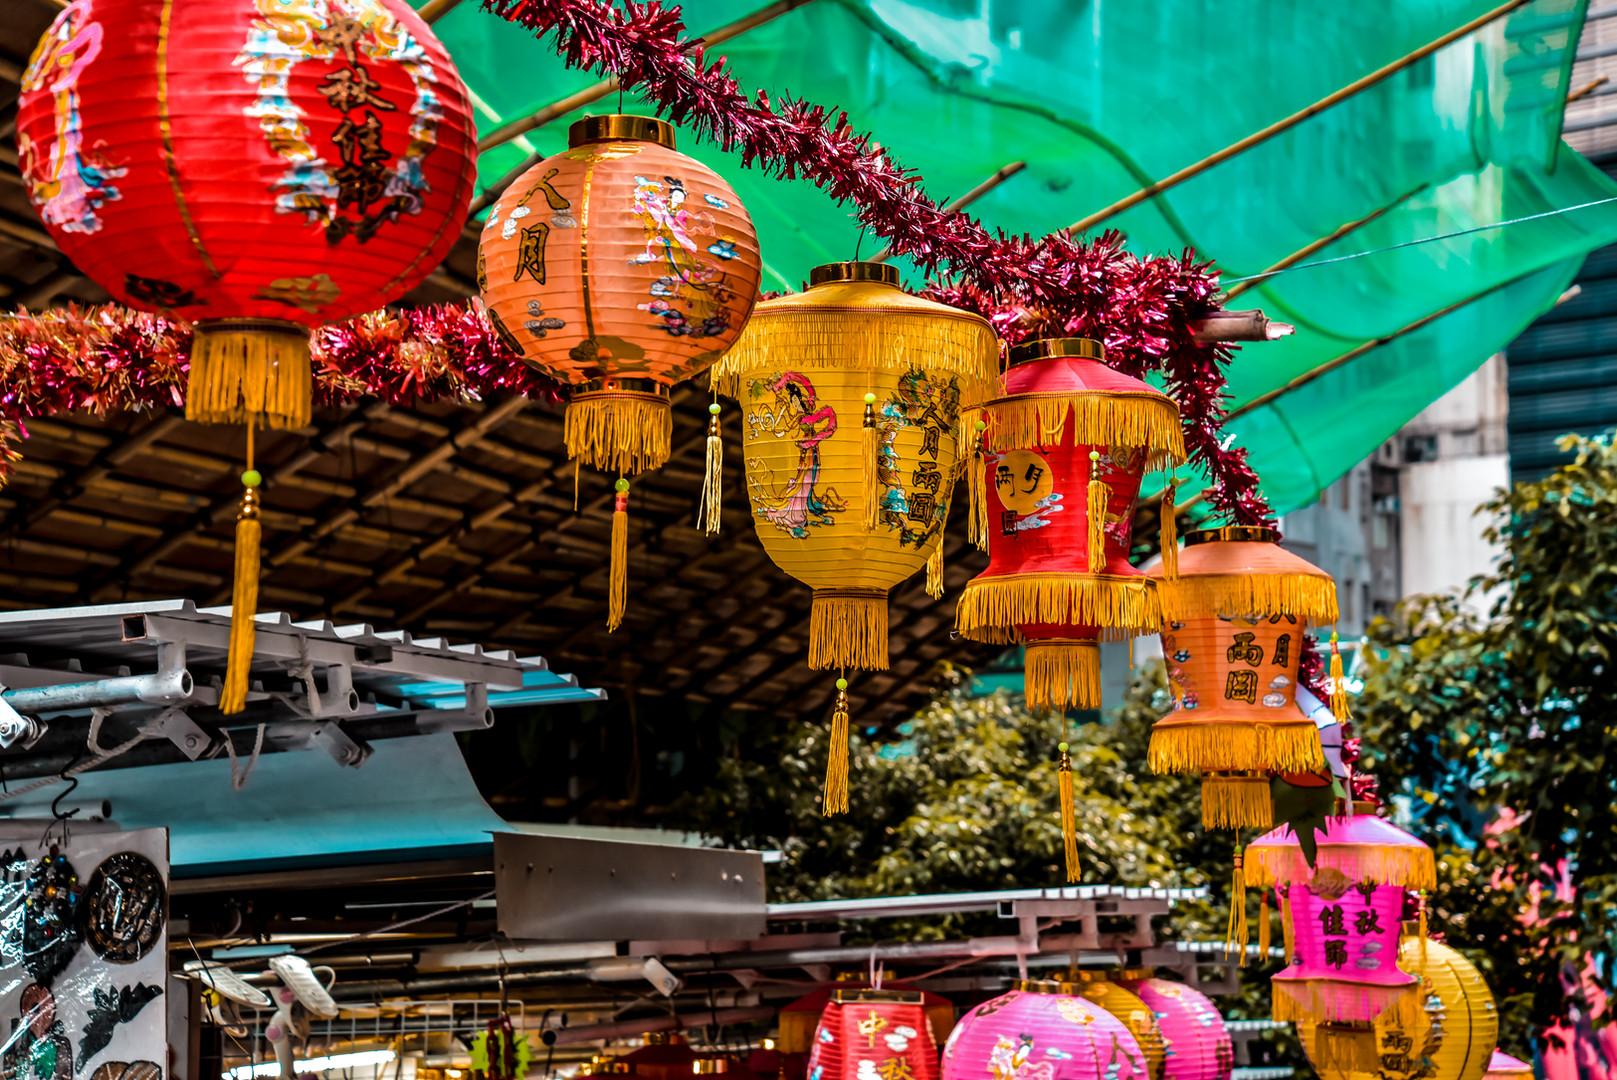 Lanterns in Hong Kong Central